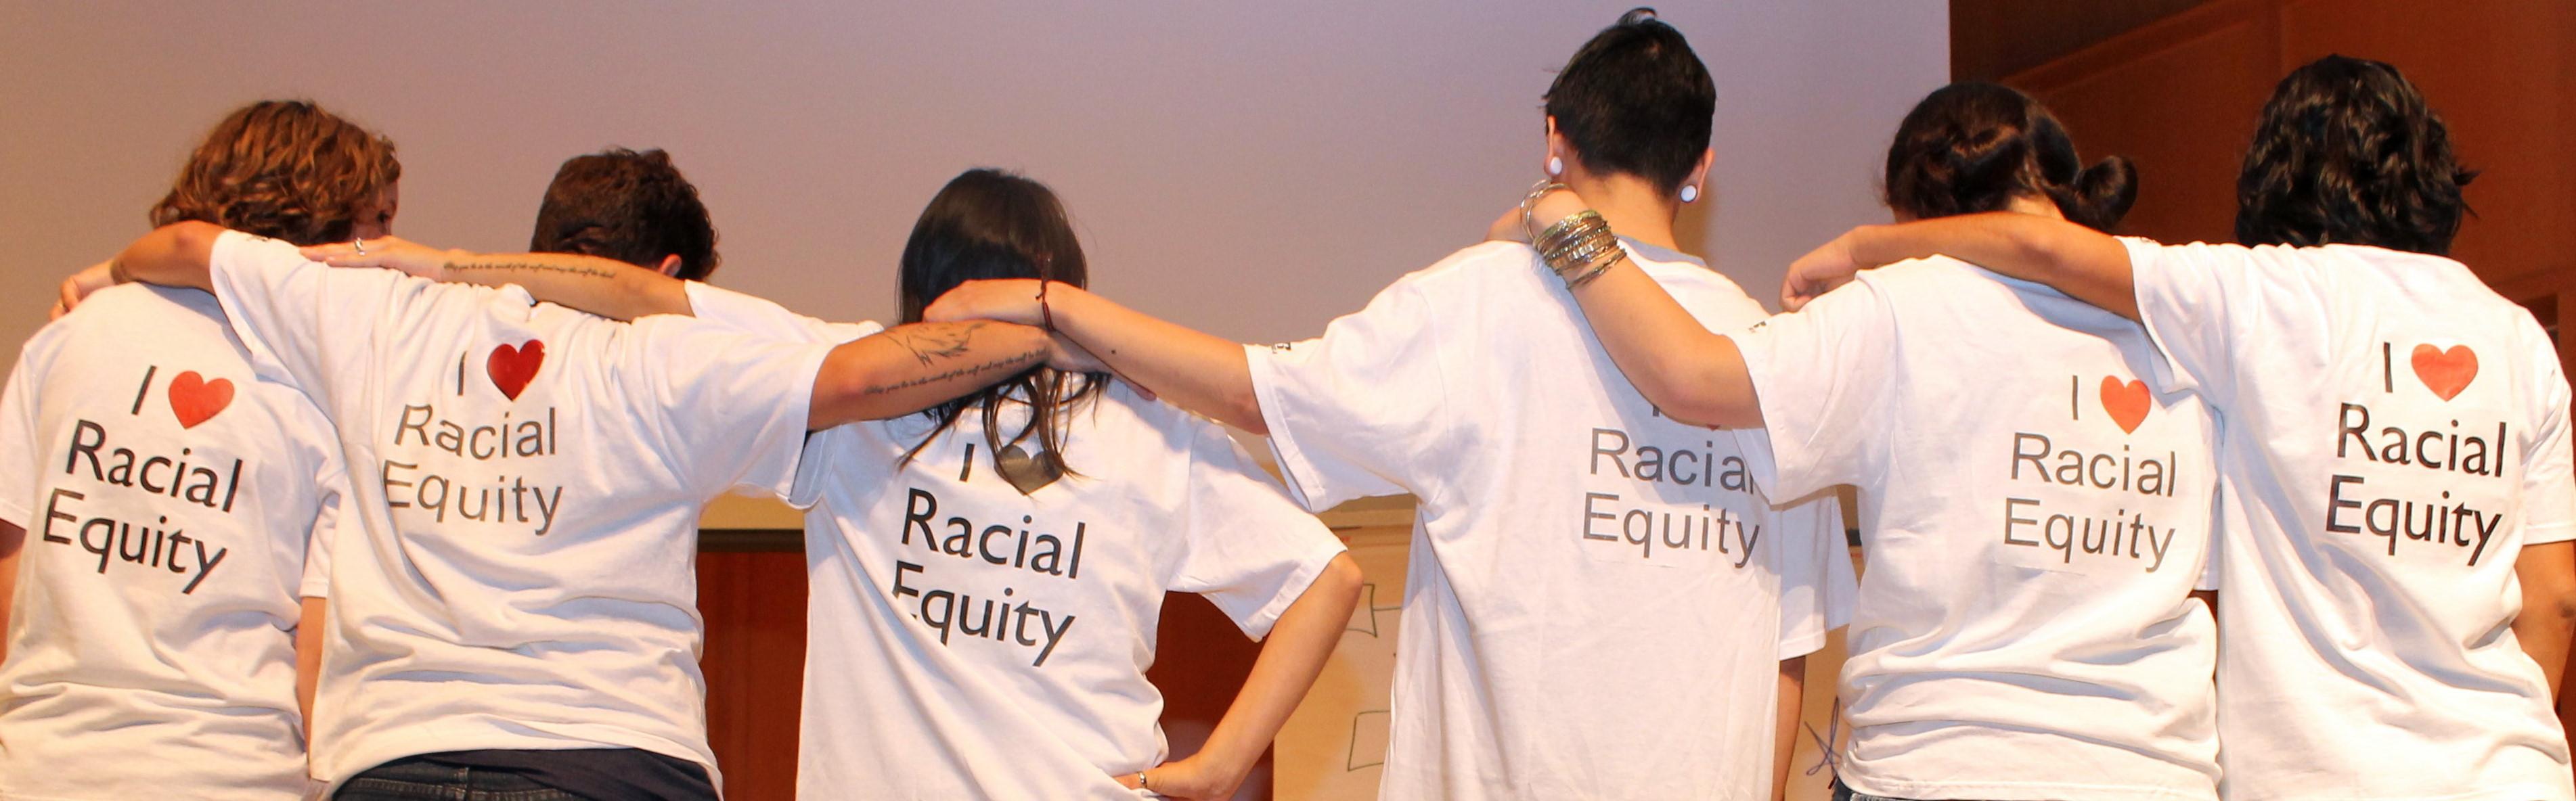 racialequityblogphoto1